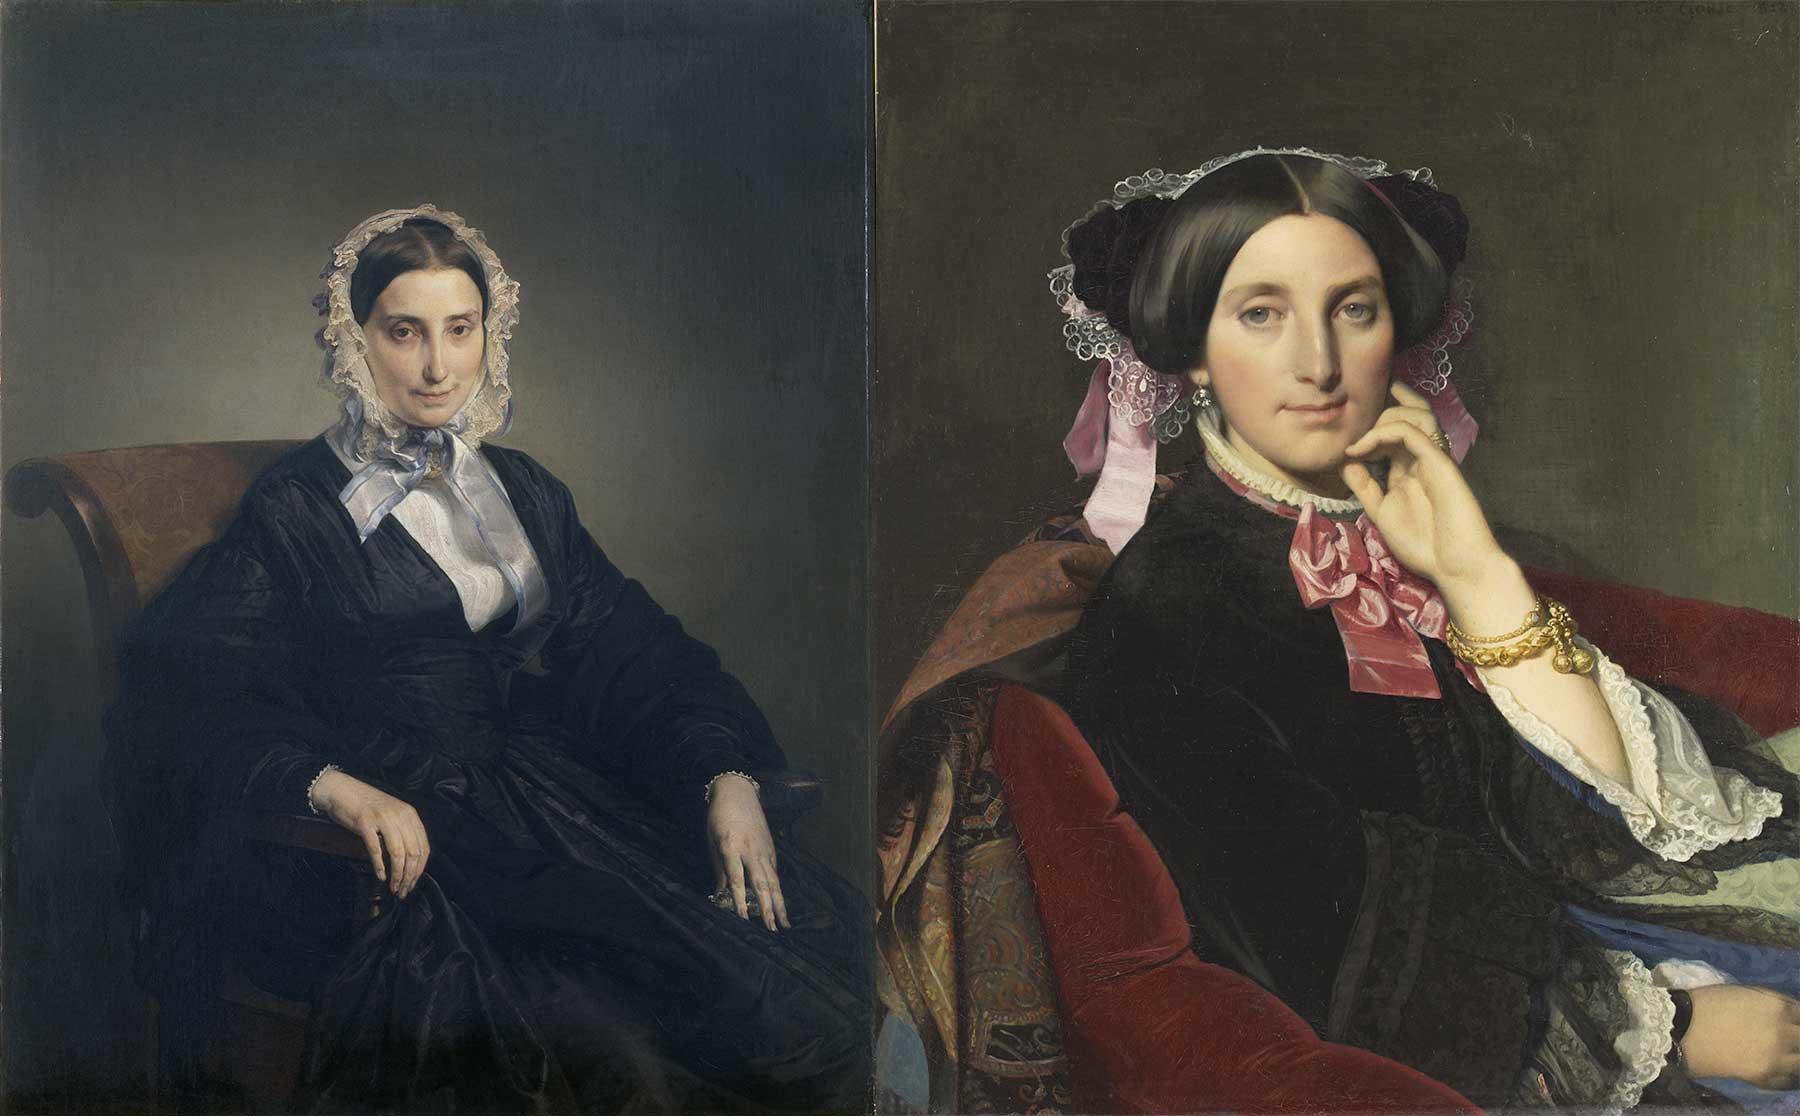 A sinistra, Francesco Hayez, Ritratto di Teresa Manzoni Stampa Borri, 1847-1849, olio su tela (Pinacoteca di Brera). A destra, Jean-Auguste-Dominique Ingres, Ritratto di madame Gonse, 1852, olio su tela (Musée Ingres, Montauban).